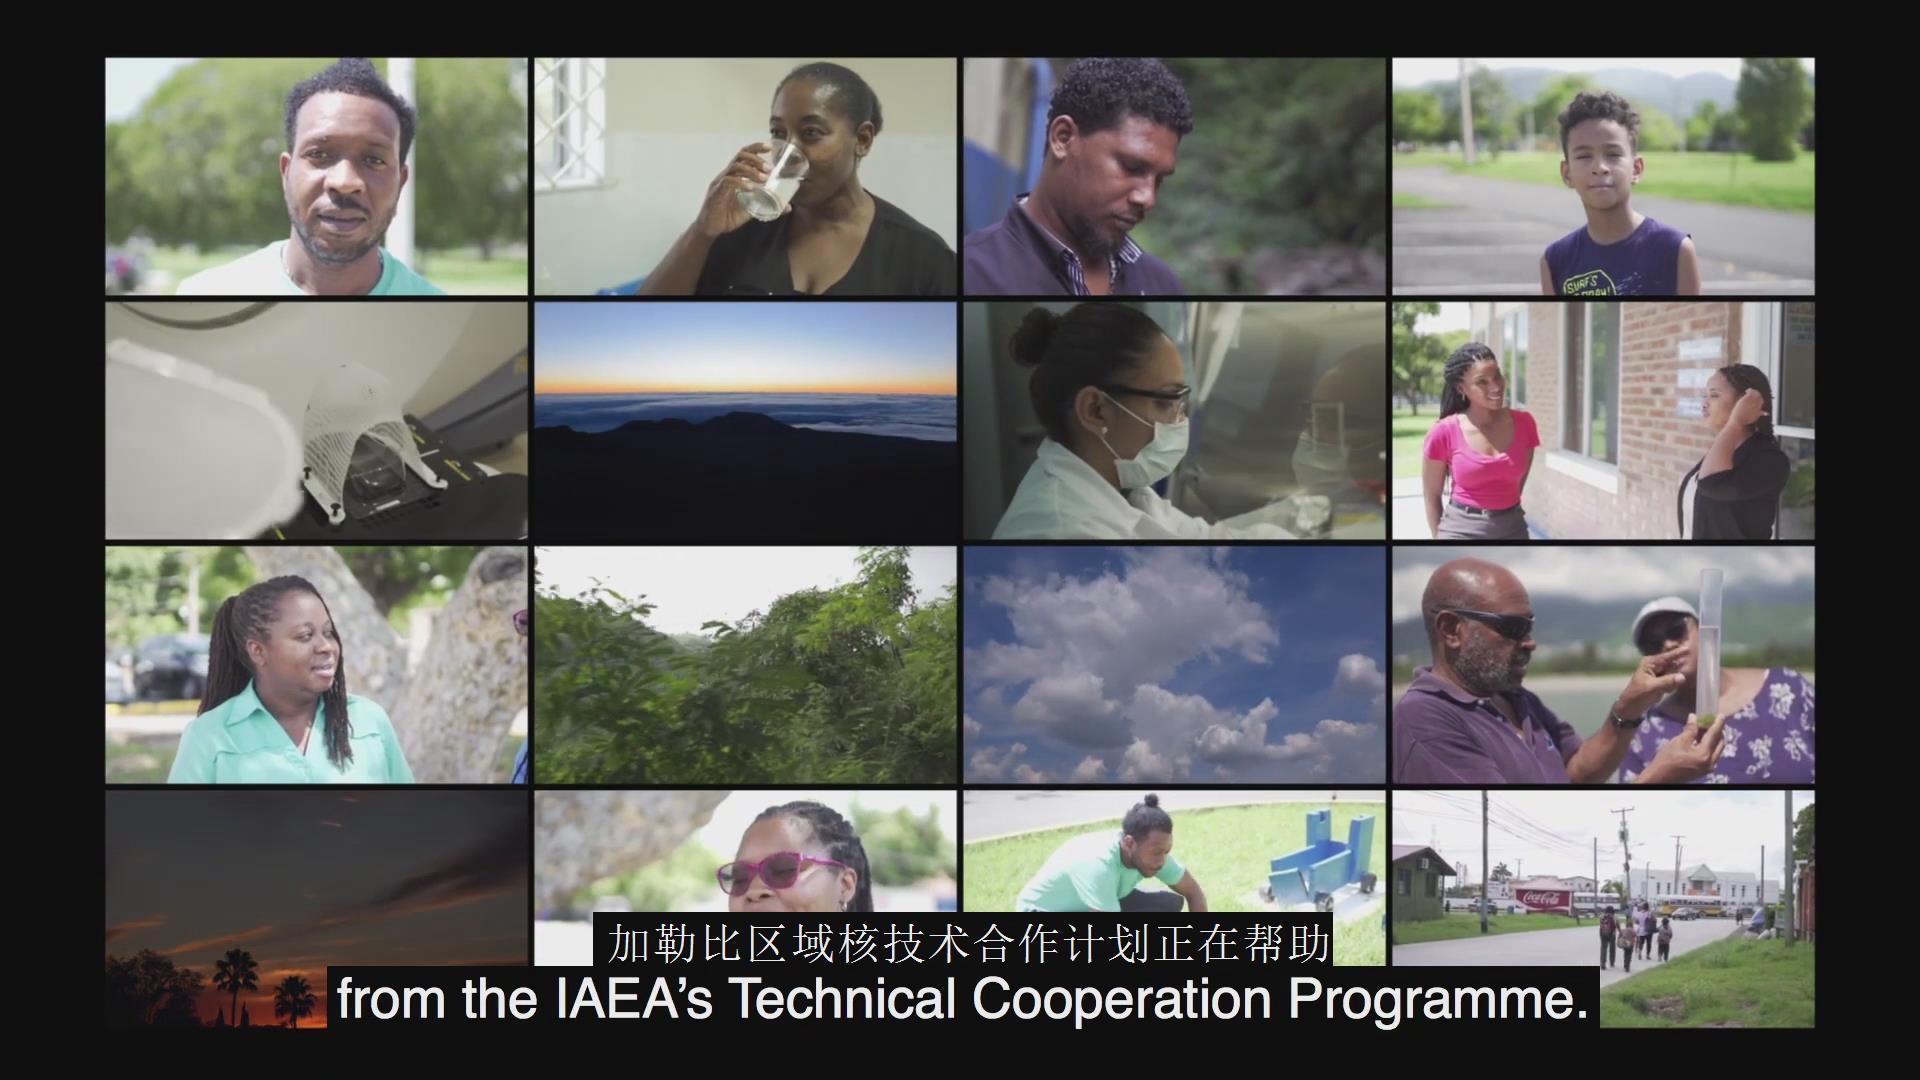 国际原子能机构对加勒比地区的支持